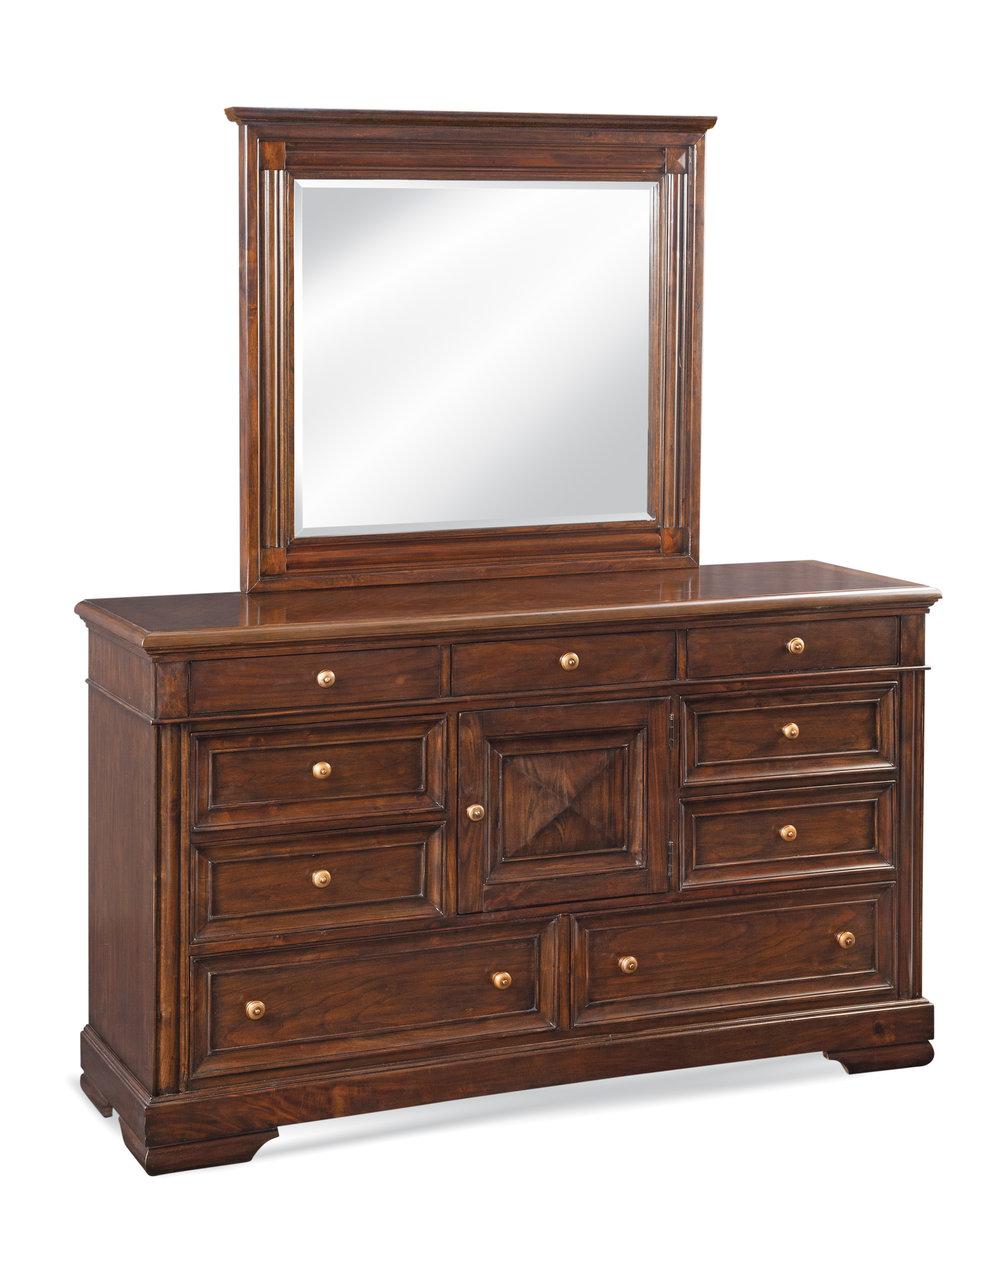 1707 Dresser Mirror Silo.JPG